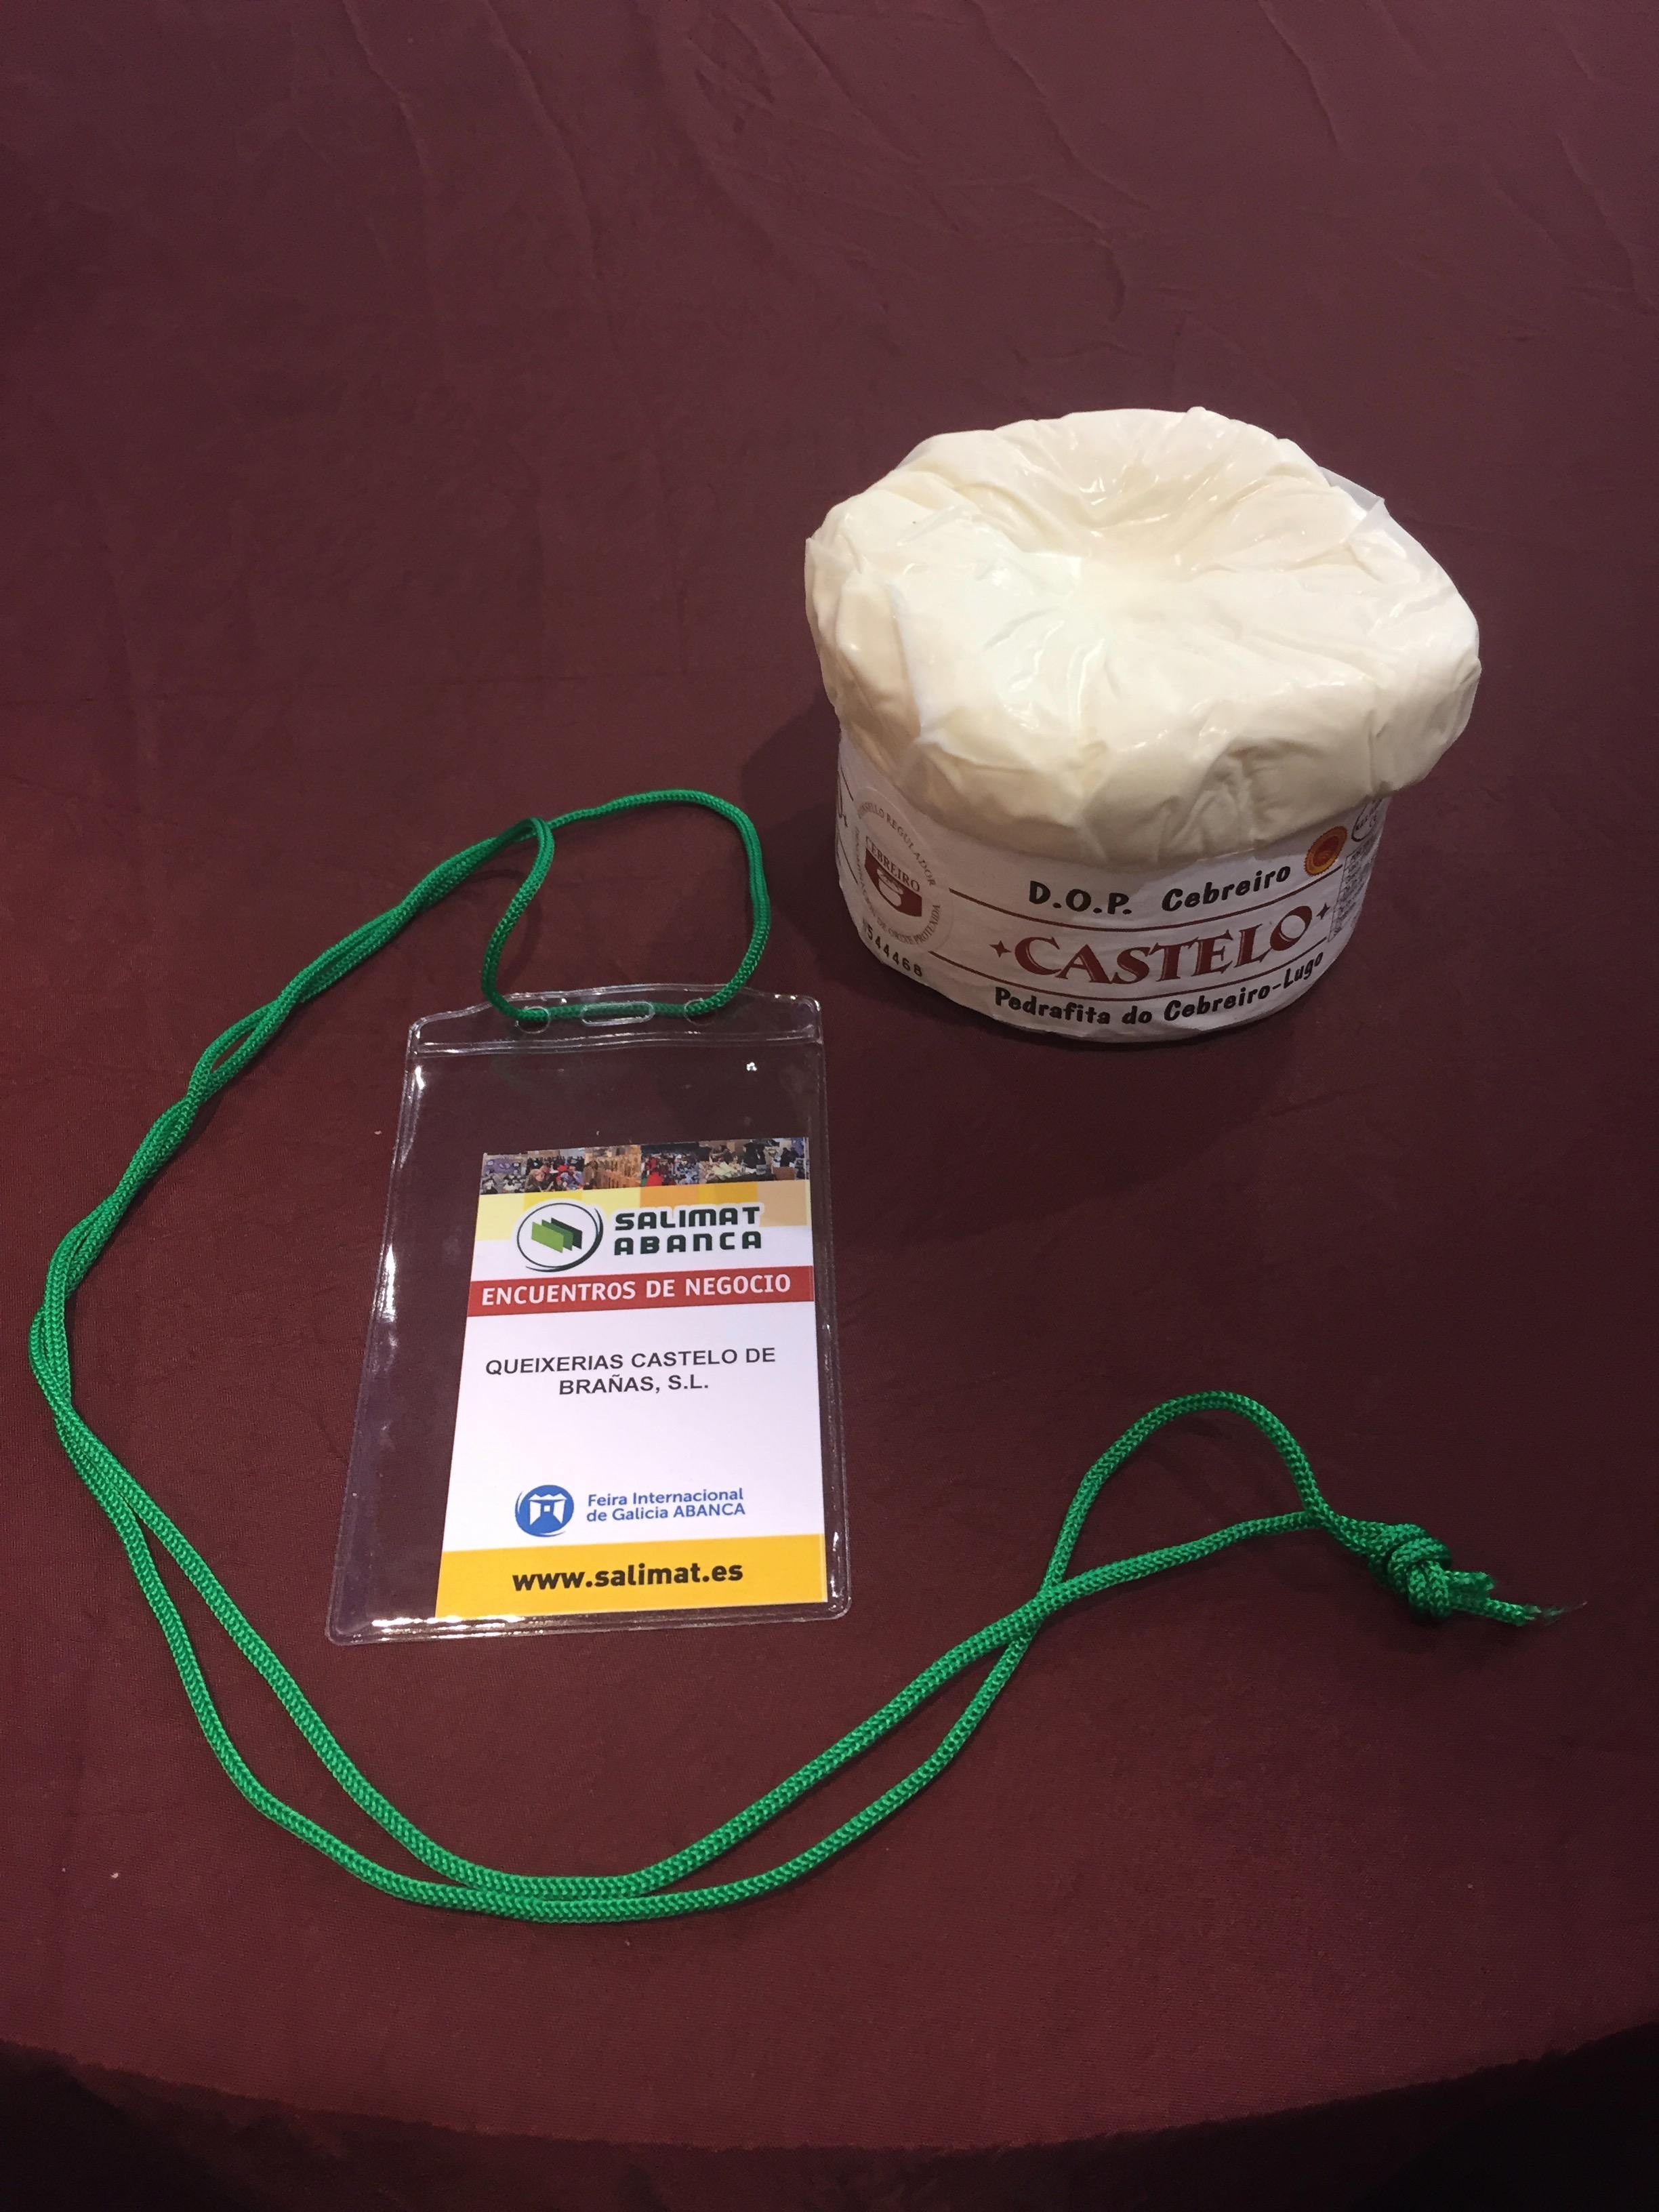 Stand del queso D.O.P. Cebreiro de la Quesería Castelo de Brañas